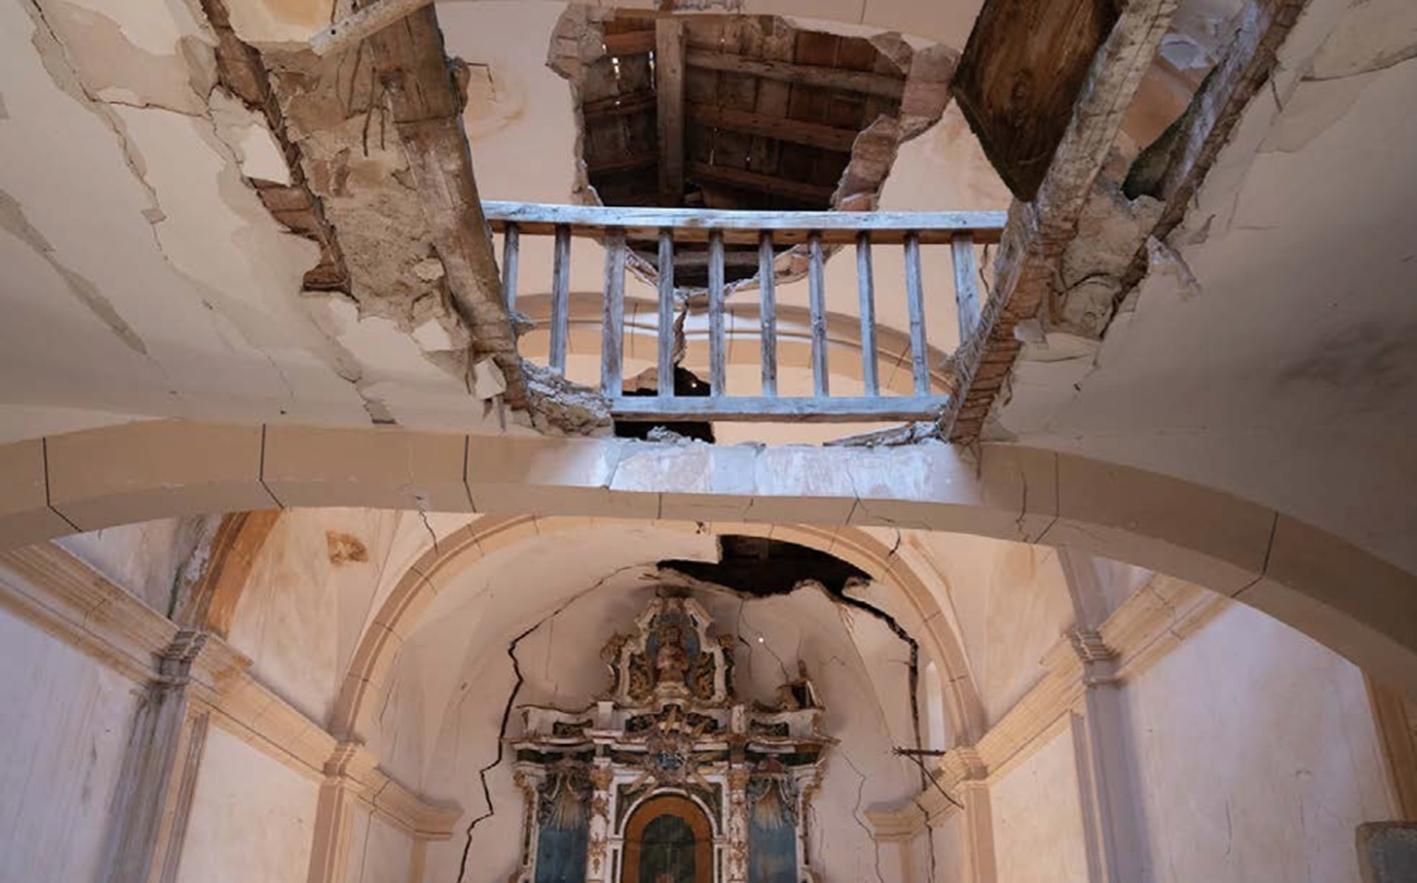 La ermita está destrozada y ha sido saqueada.